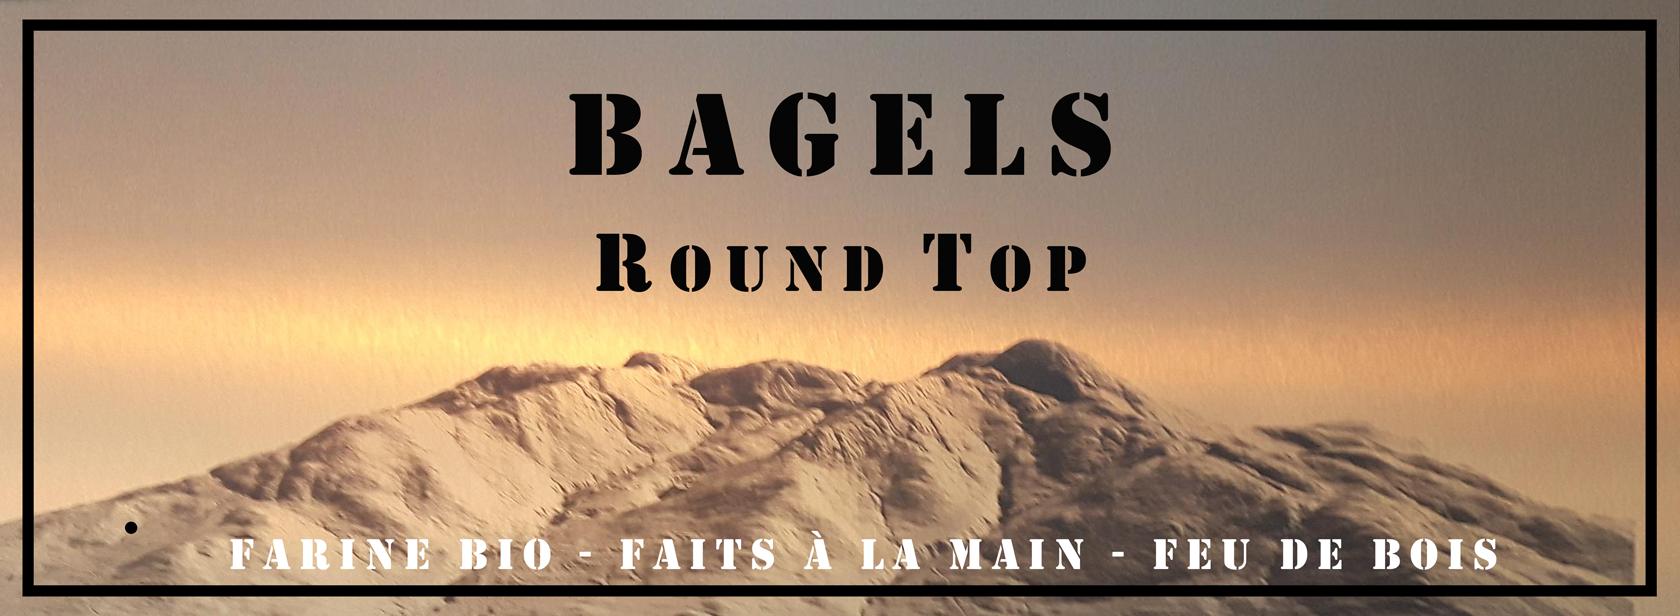 Round Top Bagels